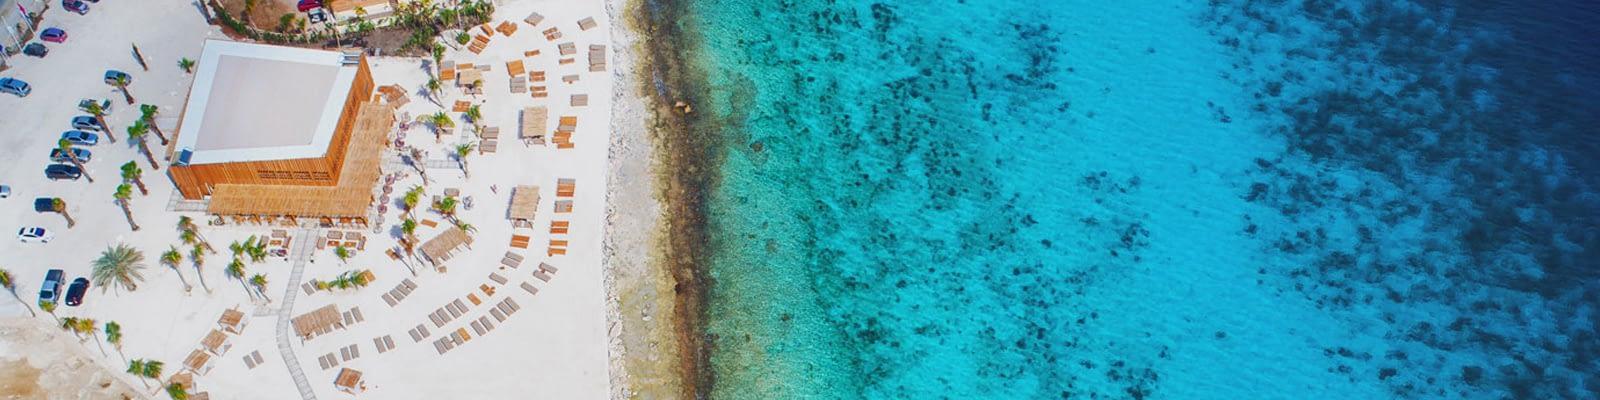 ocean-oasis-restaurant-bonaire-slider-6